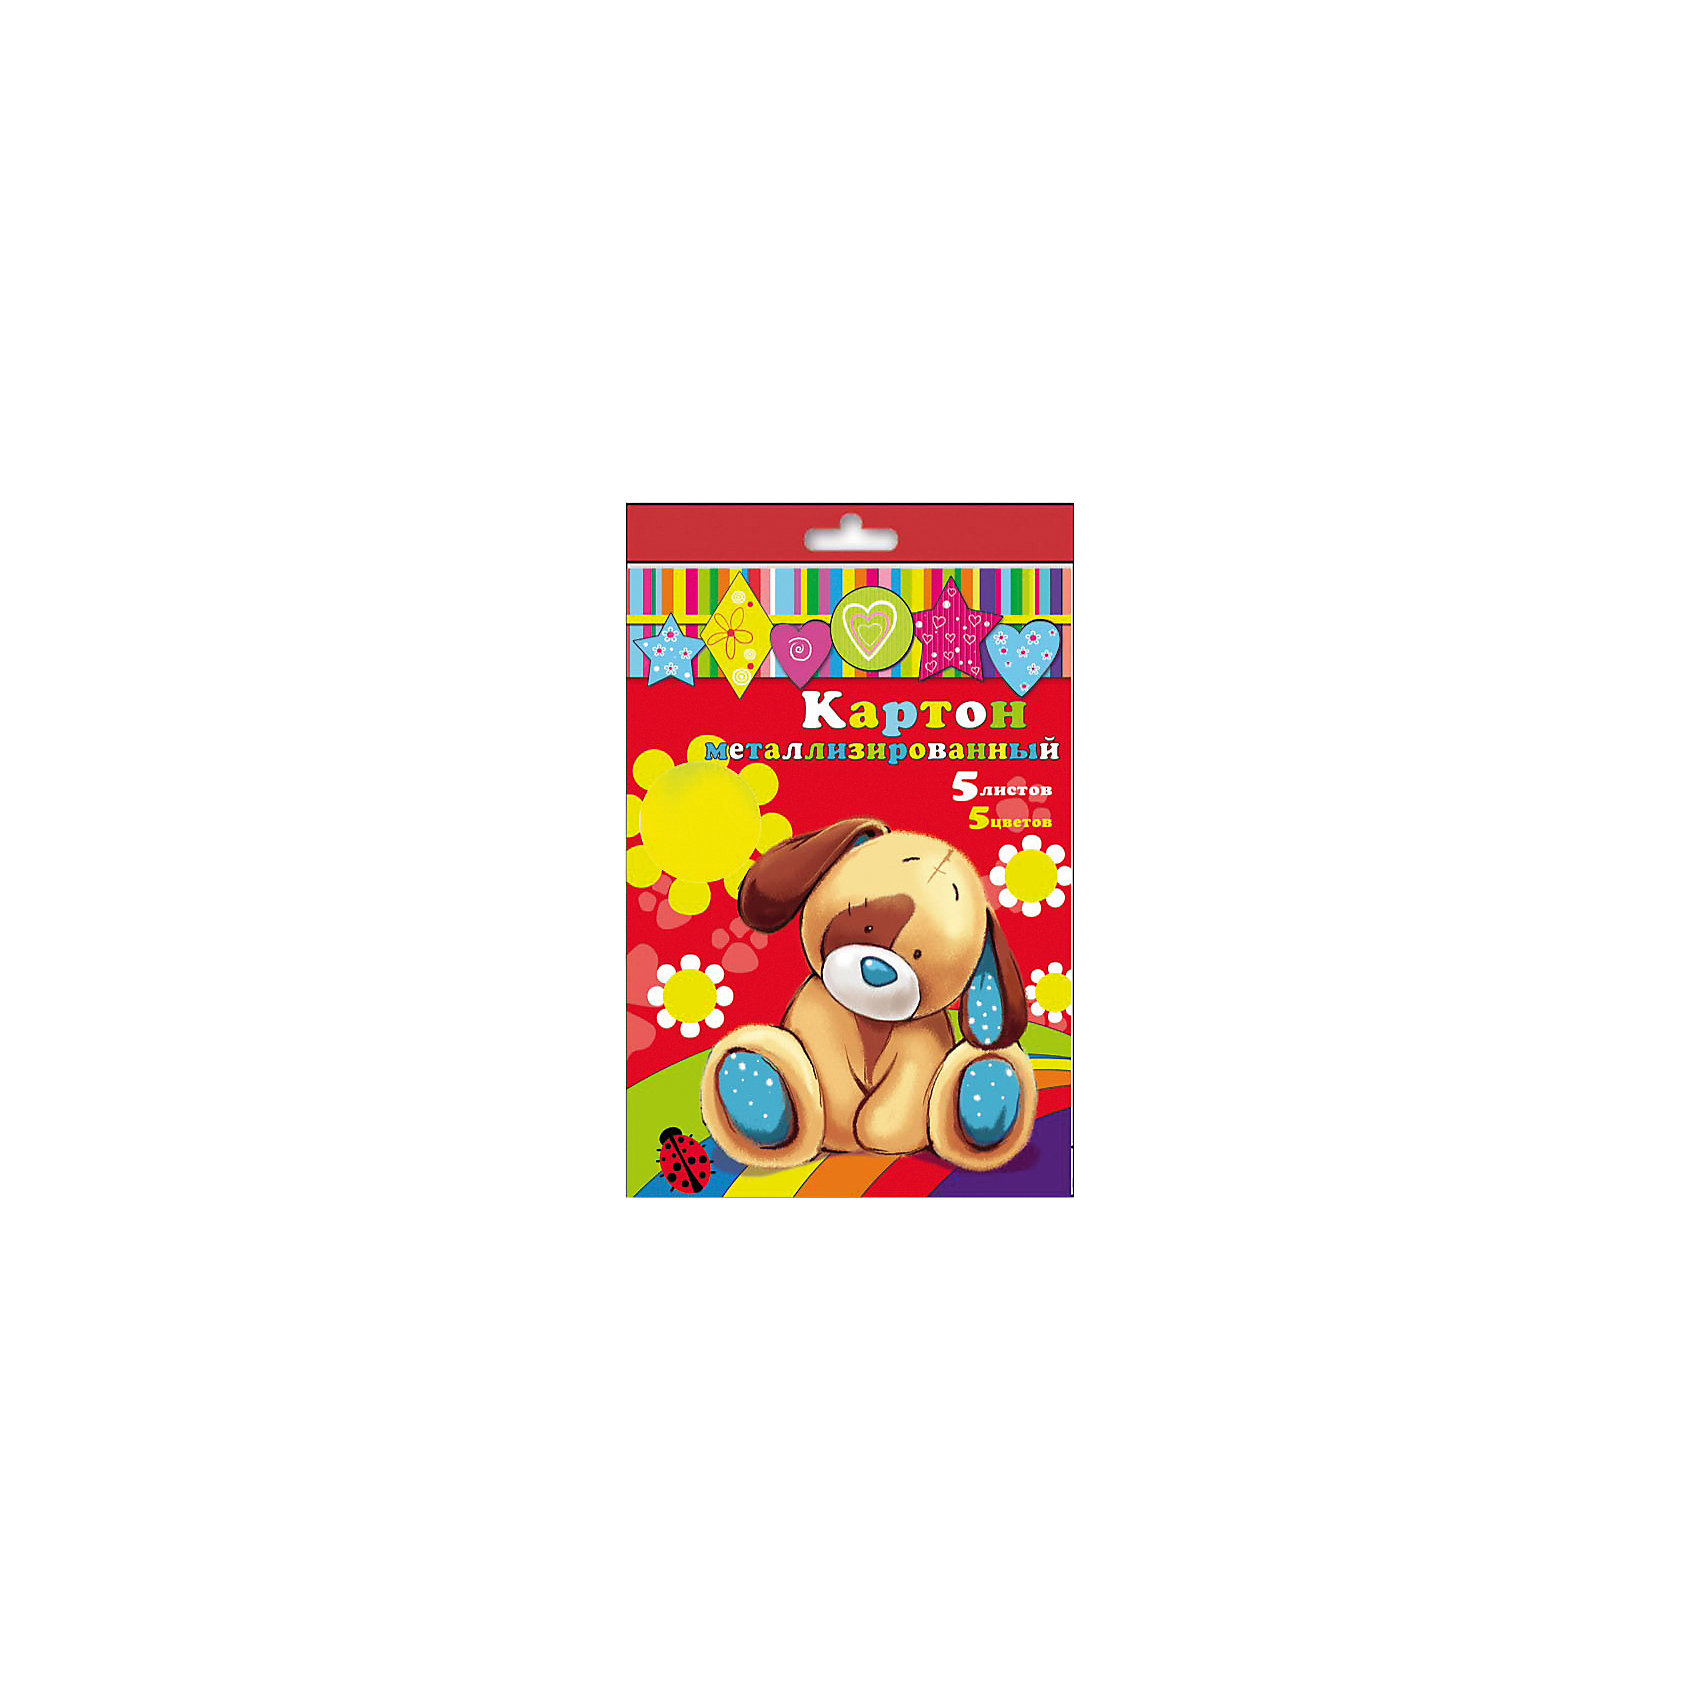 Картон металлизированный, 5 листовНабор цветного металлизированного картона непременно пригодится юному школьнику!<br><br>Дополнительная информация:<br><br>- Возраст: от 3 лет.<br>- 5 листов.<br>- 5 цветов:  голубой, красный, золотистый, зеленый, малиновый.<br>- Формат: А4.<br>- Размеры: 21х29,7 см.<br>- Размер упаковки: 33х21х0,2 см.<br>- Вес в упаковке: 78 г.<br><br>Купить картон металлизированный, можно в нашем магазине.<br><br>Ширина мм: 330<br>Глубина мм: 210<br>Высота мм: 2<br>Вес г: 78<br>Возраст от месяцев: 36<br>Возраст до месяцев: 2147483647<br>Пол: Унисекс<br>Возраст: Детский<br>SKU: 4943493